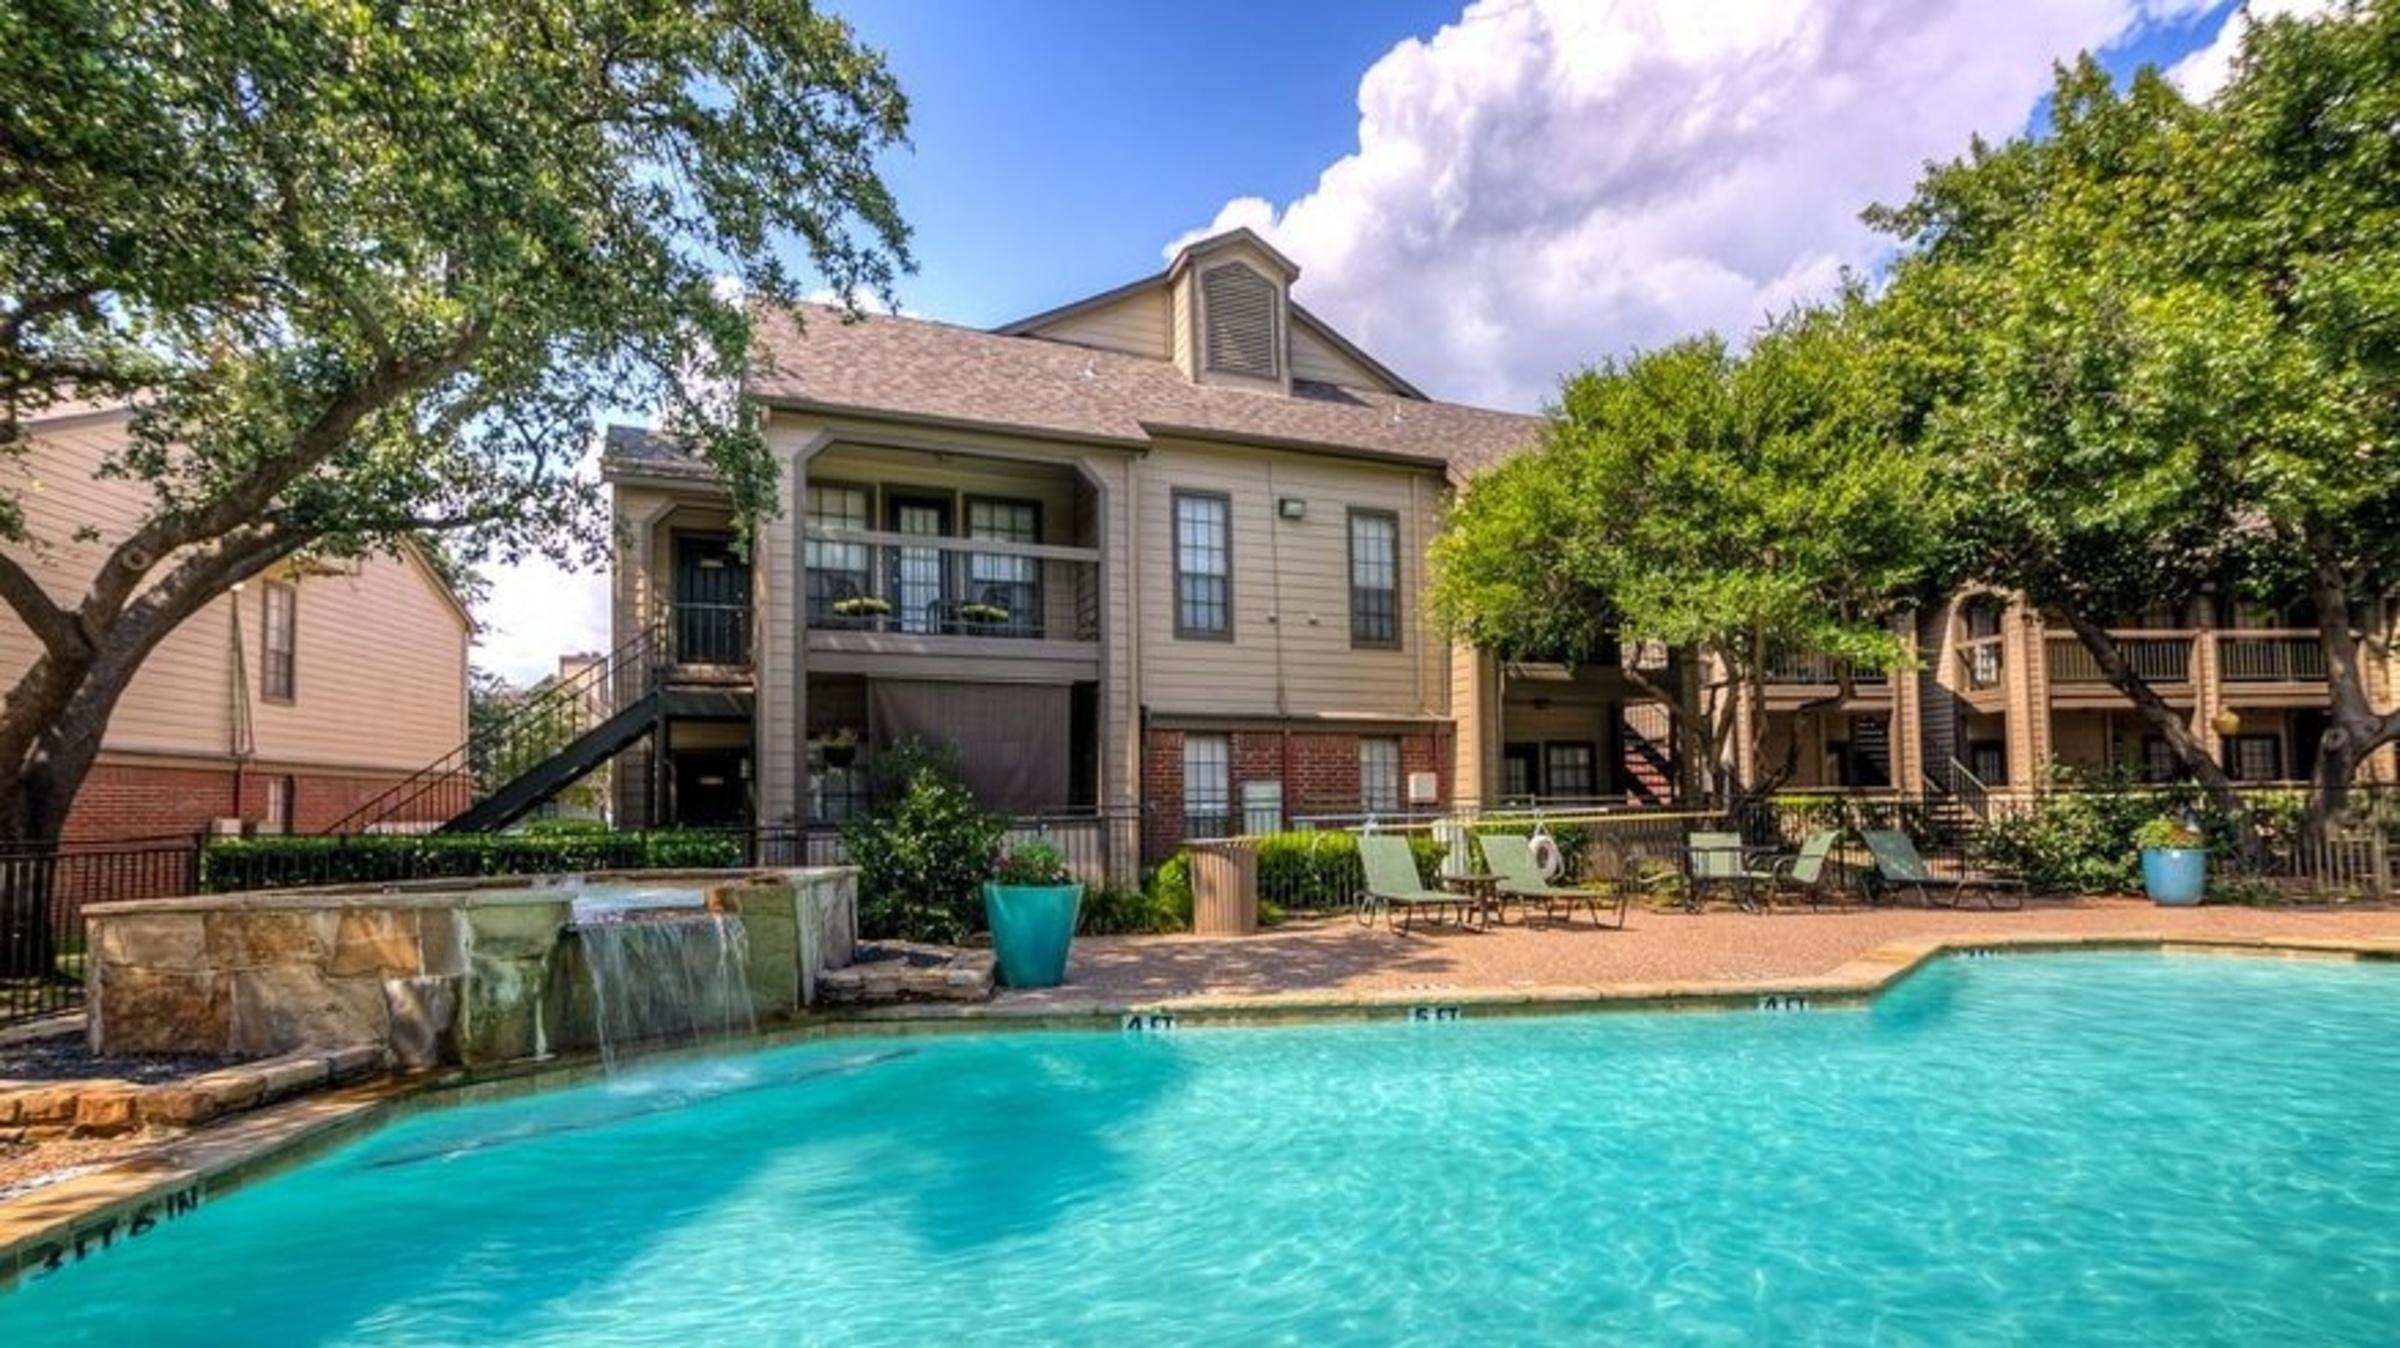 Residence at North Dallas 4224